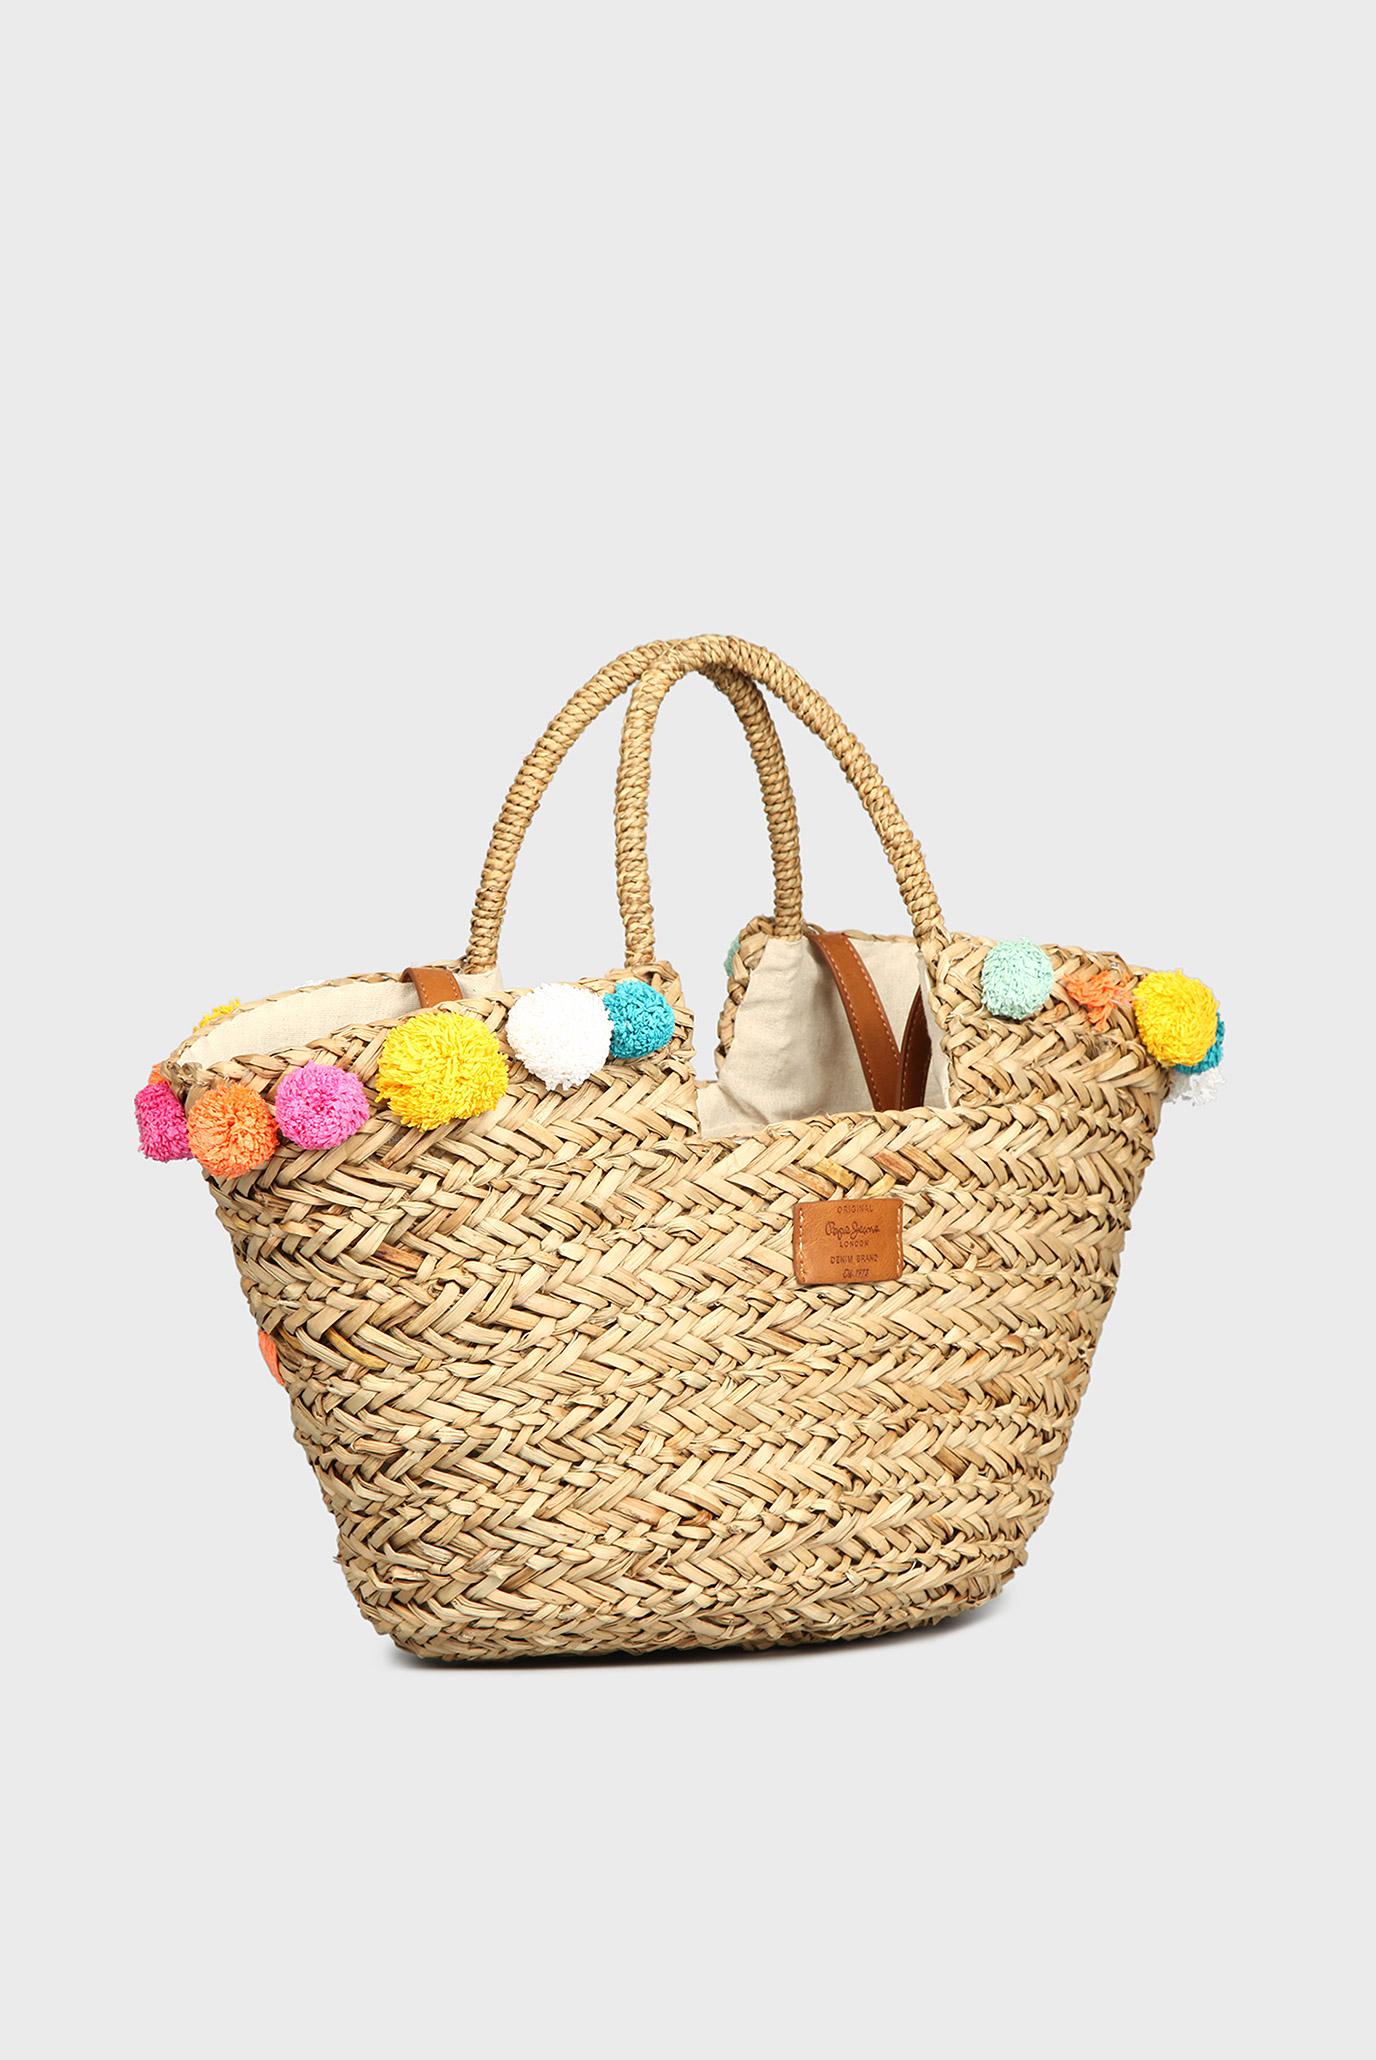 c3f035371e48 Купить Женская соломенная сумка с помпонами Pepe Jeans Pepe Jeans PL030731  – Киев, Украина. Цены в интернет ...